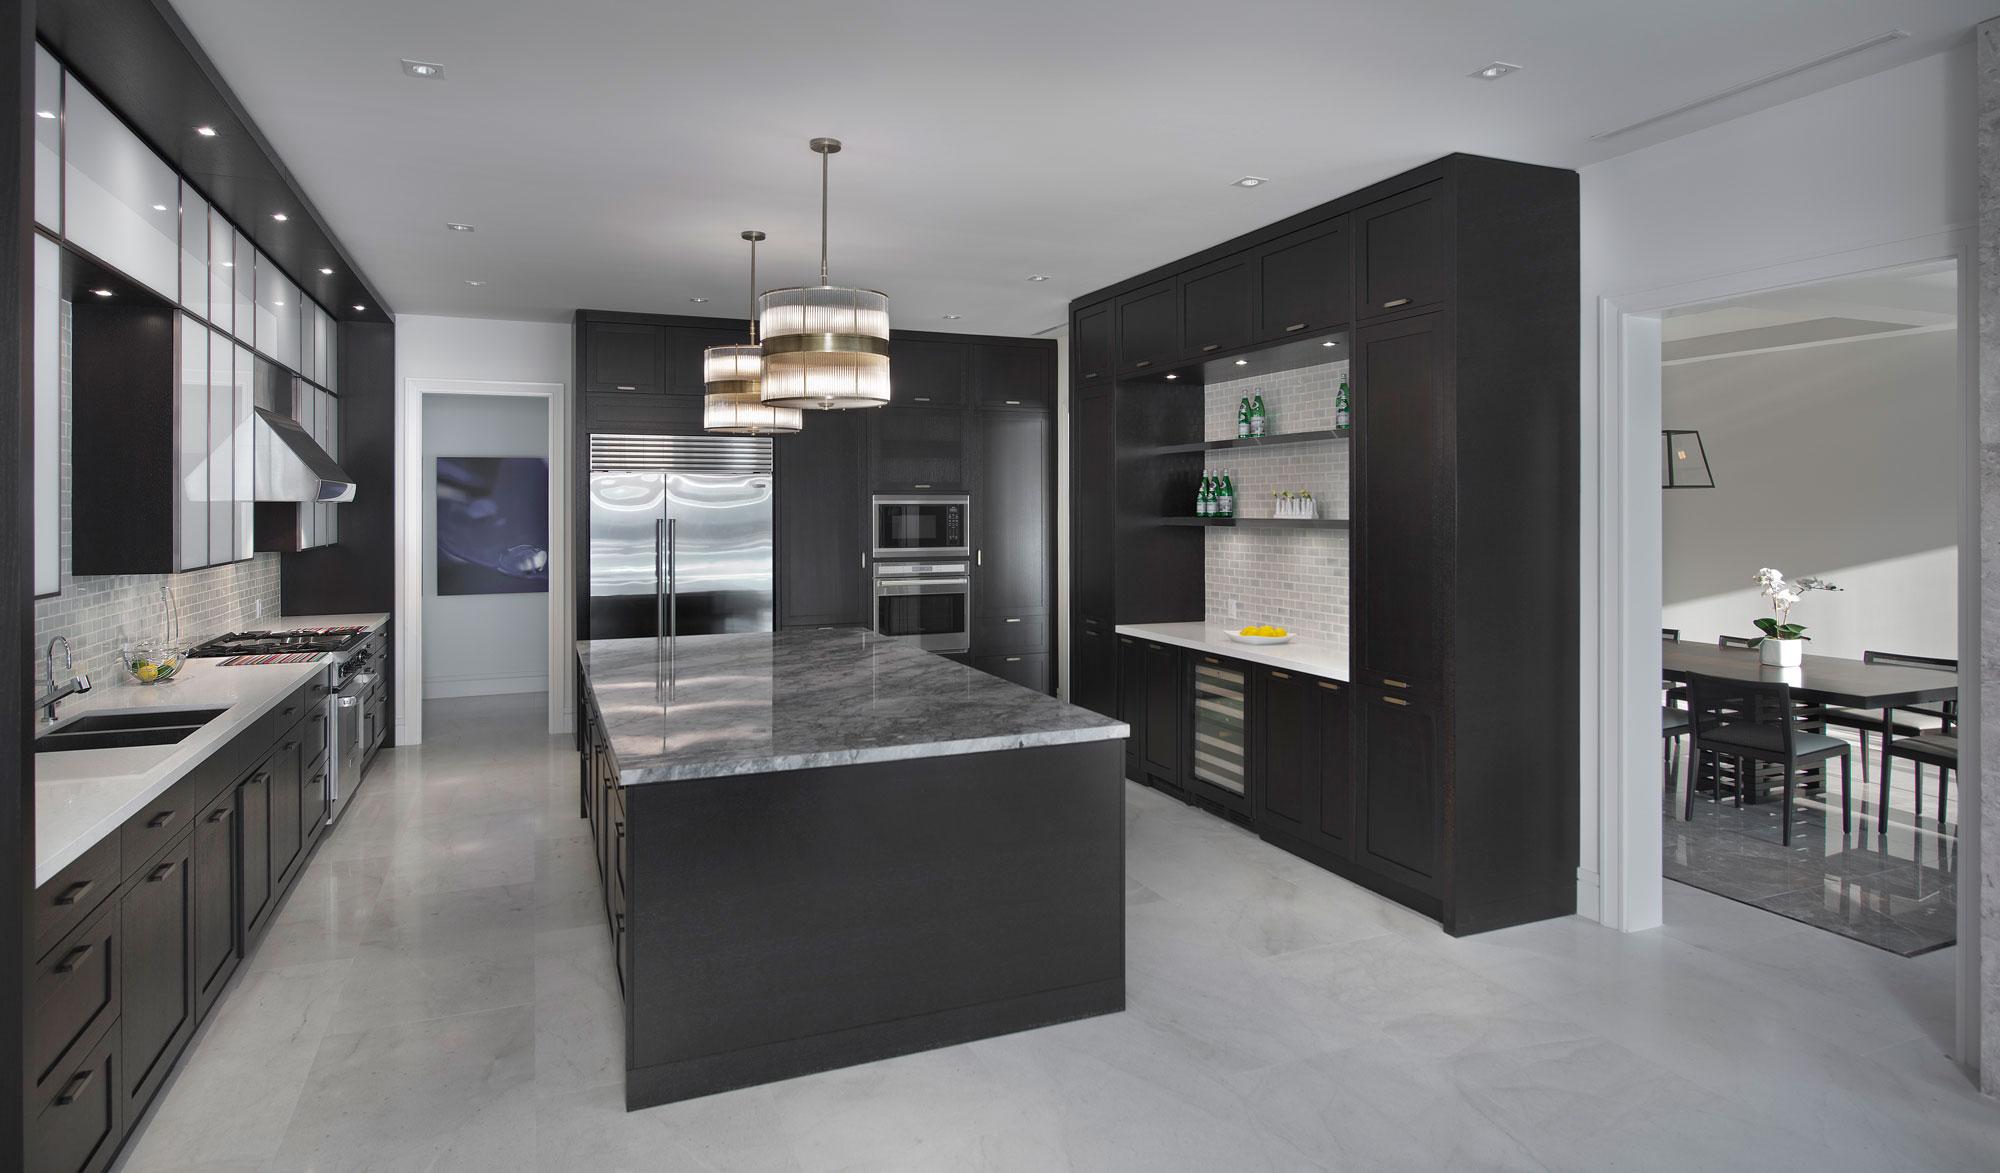 Wedo thiết kế nội thất nhà bếp sang trọng và đẳng cấp cho biệt thự